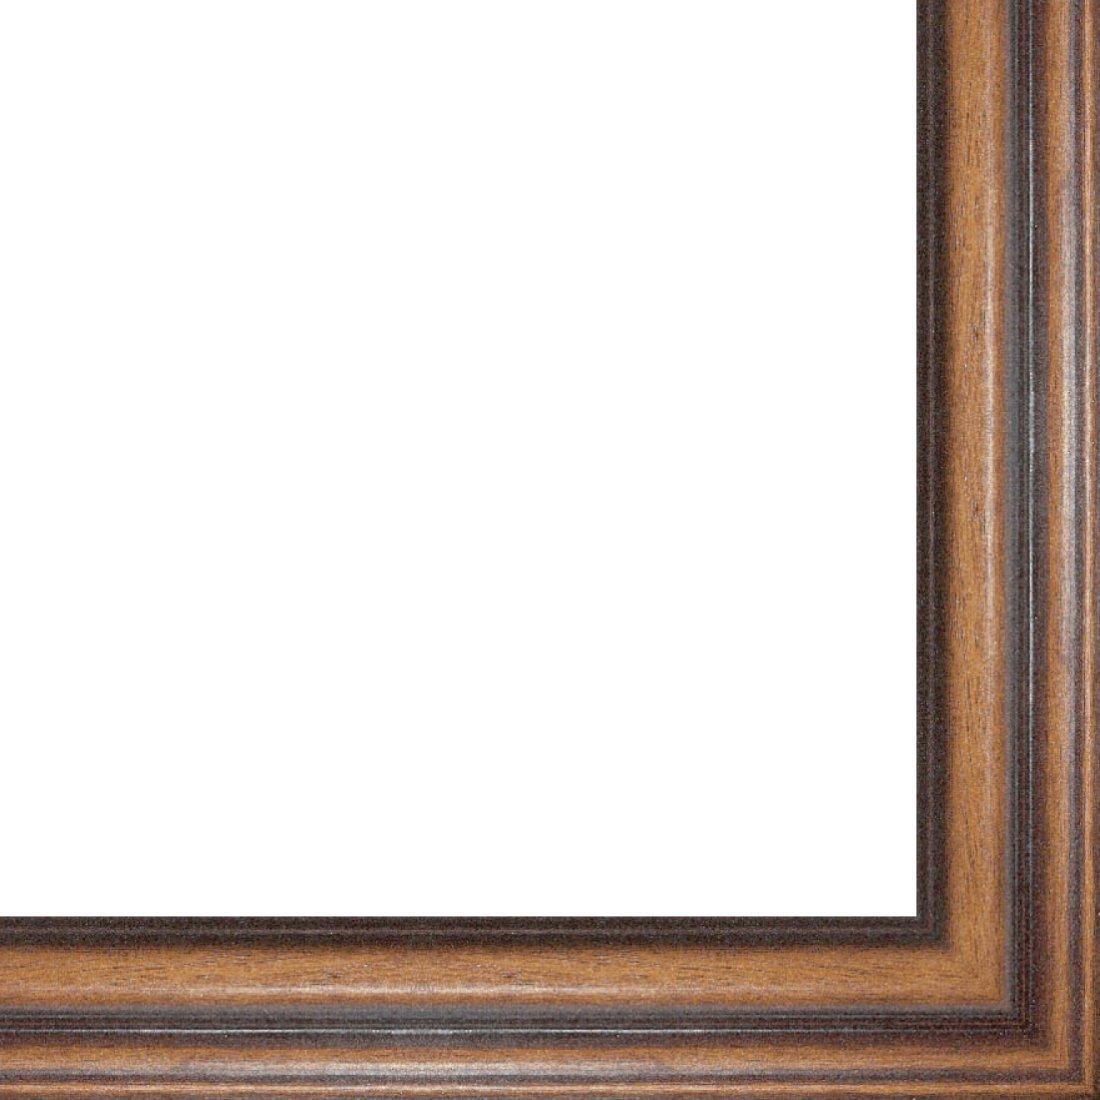 Picture Frame Moulding (Wood) 18ft bundle - Traditional Walnut Finish - 1.5'' width - 7/16'' rabbet depth